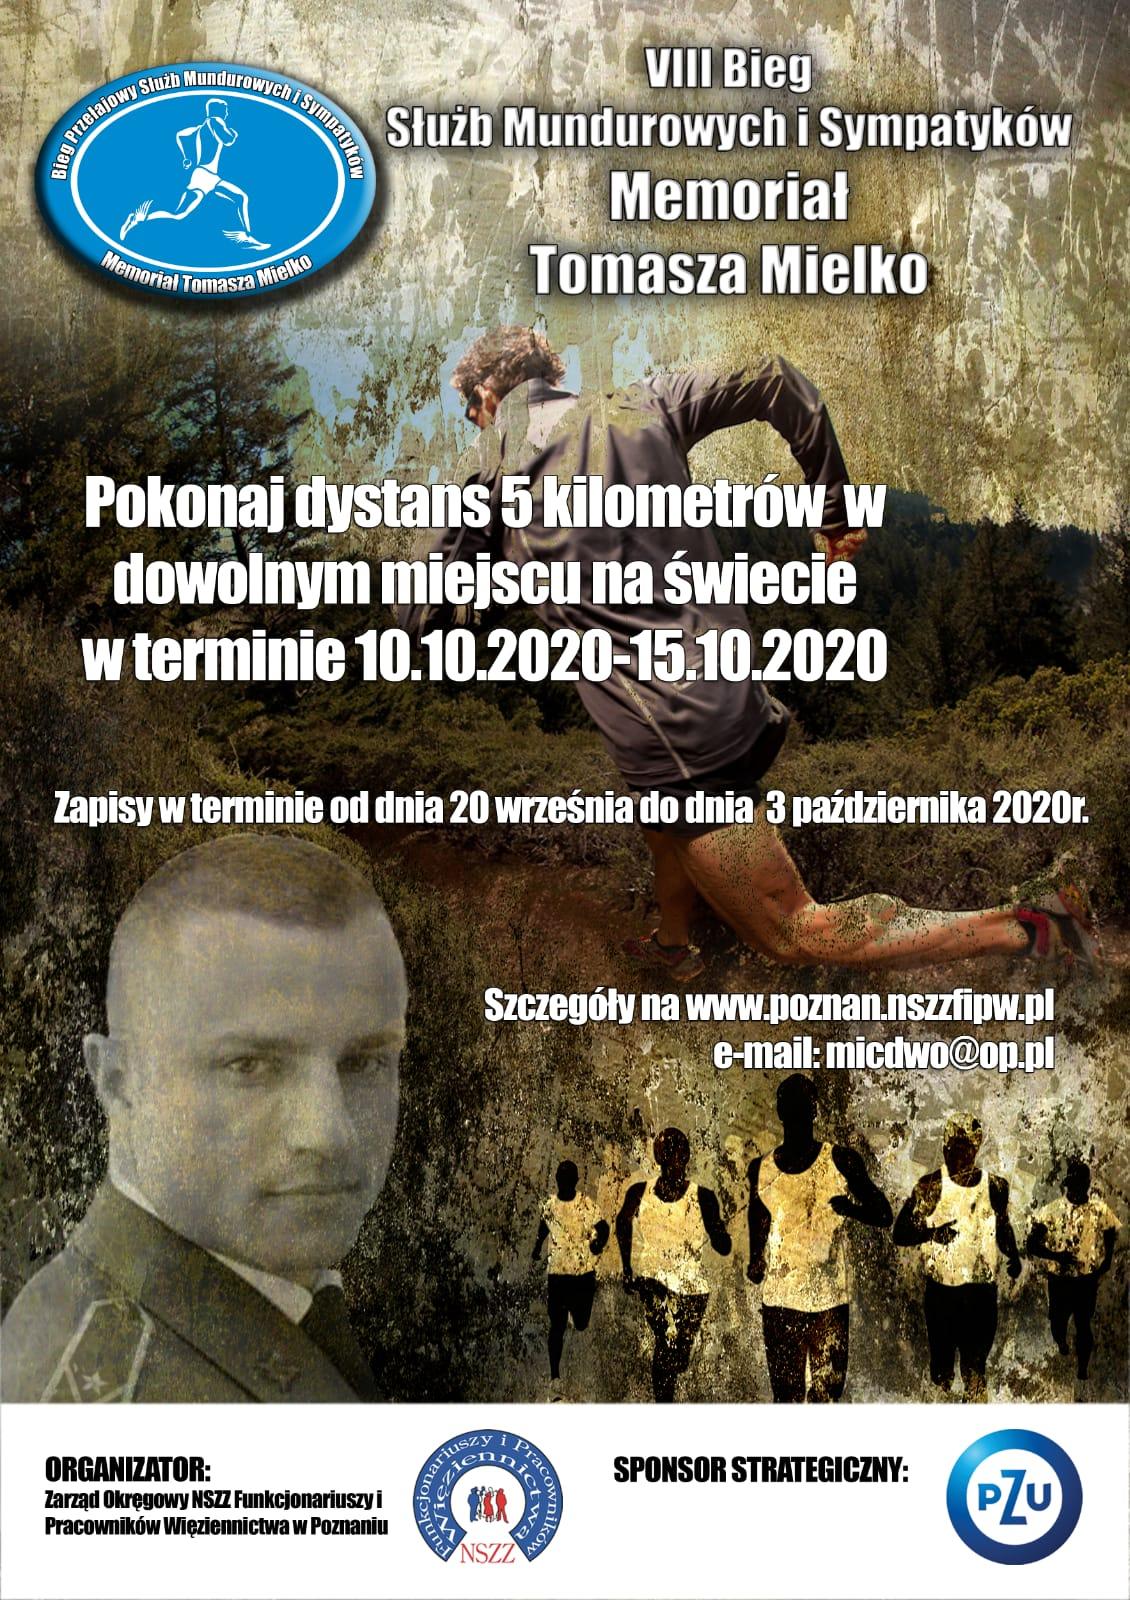 Dużymi krokami zbliża się kolejna edycja Biegu Memoriałowego Tomasza Mielko!! Poniżej link do zapisów i regulaminu zawodów.